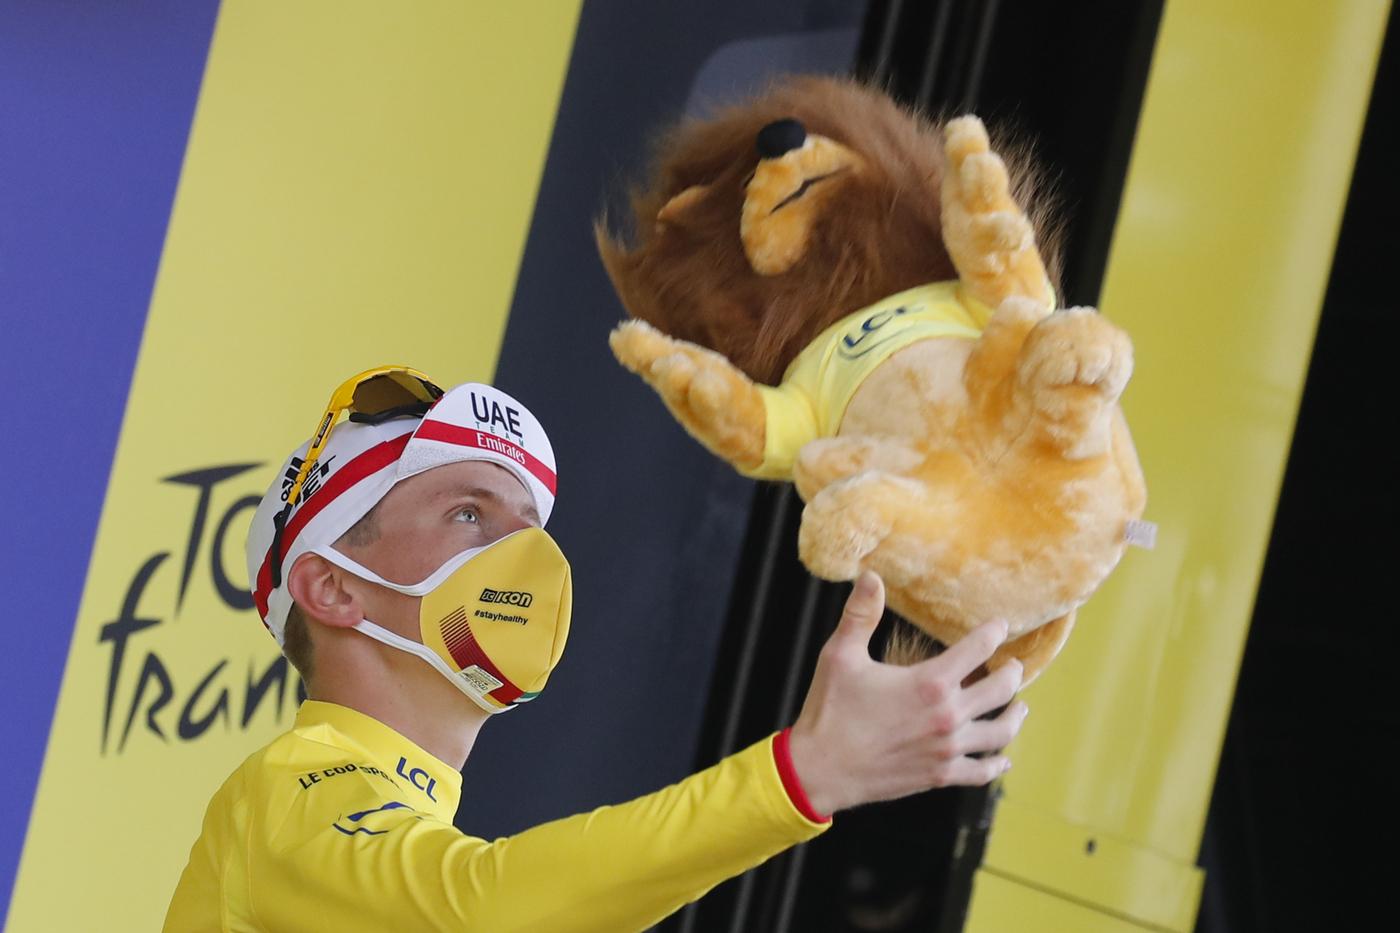 Tour de France 2021: programma, orari, tv, streaming. Calendario e date delle 21 tappe